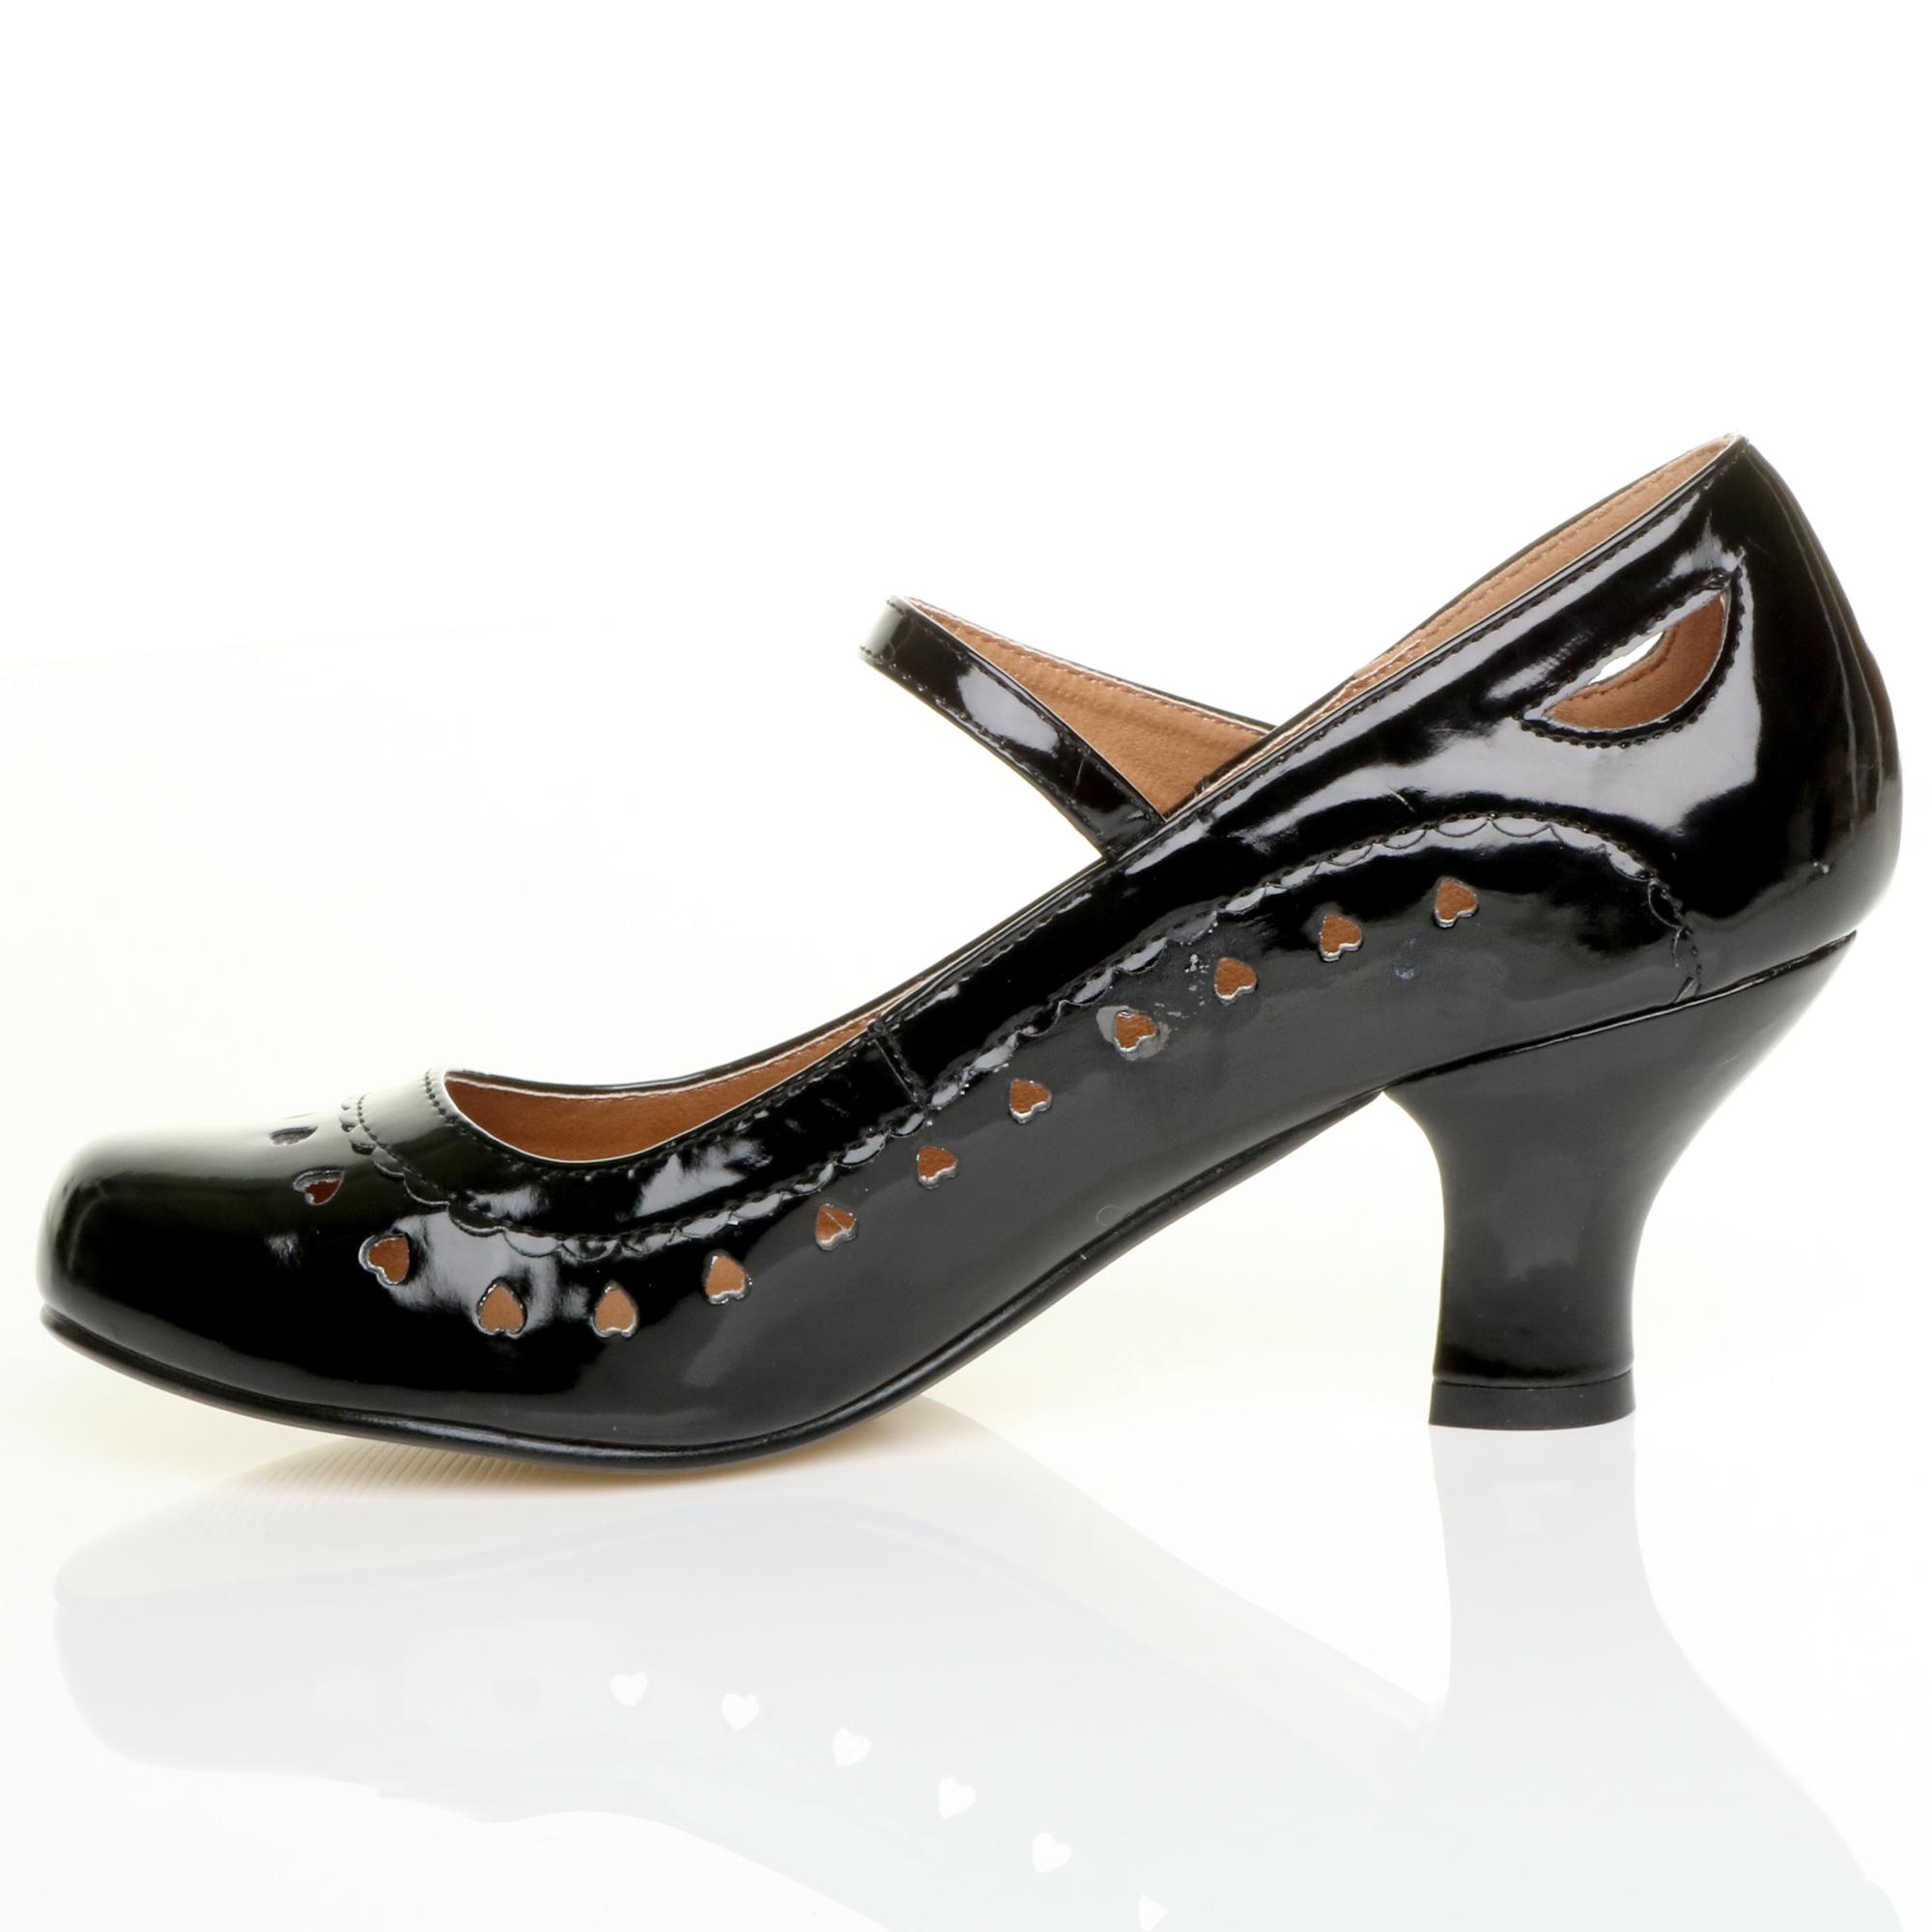 miniatura 13 - Da Donna con Tacco Basso Cinturino Alla Caviglia Mary Jane Stile Scarpe Eleganti Lavoro Pompe Dimensione